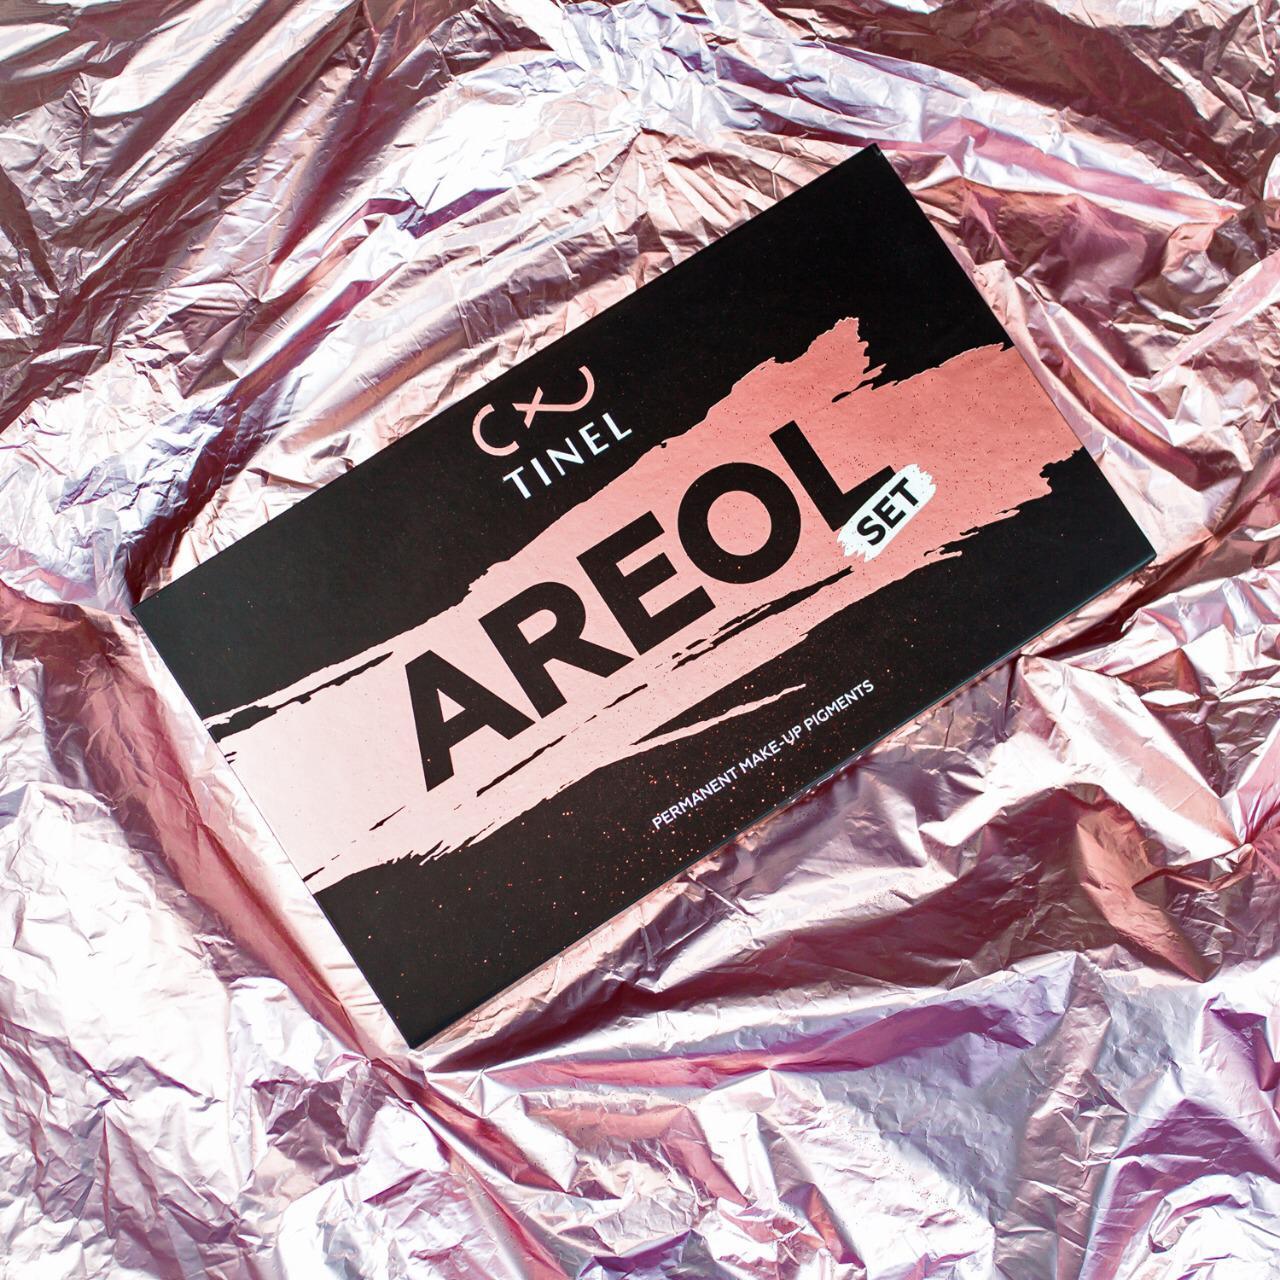 Сет пигментов для ареол от компании Tinel